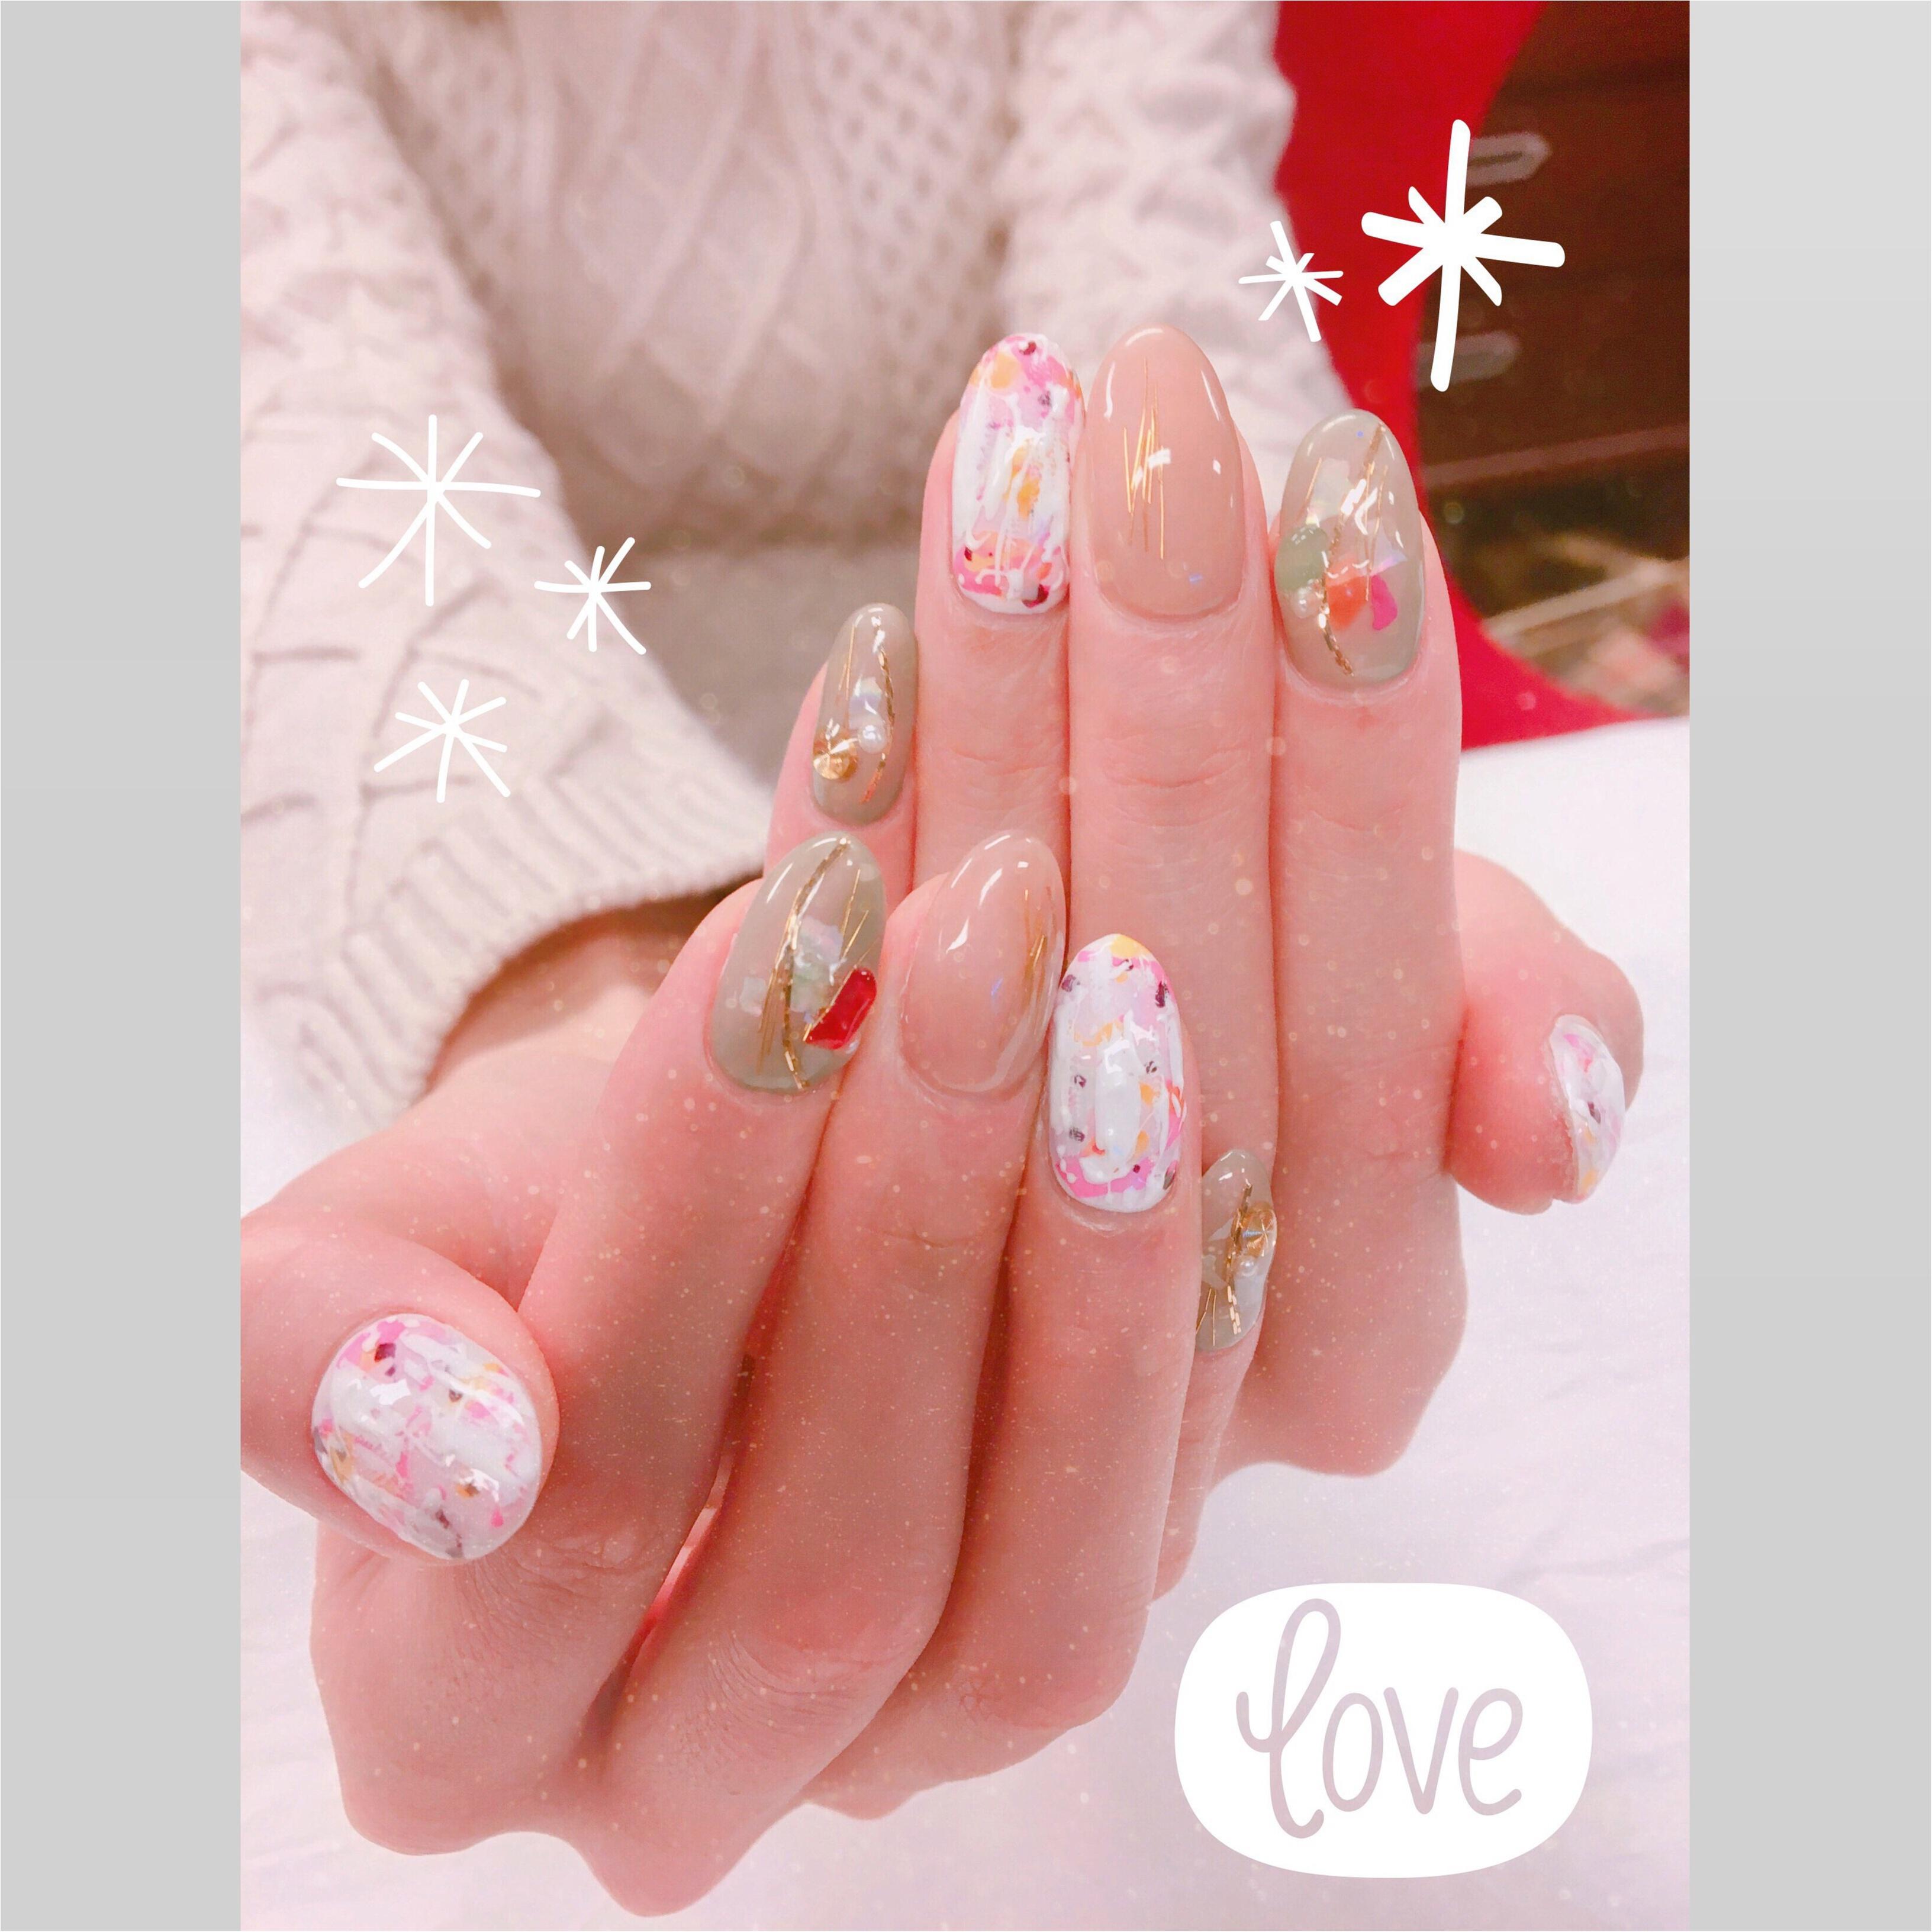 【冬ネイル】冬服にぴったりのスモーキーカラーに♡♡_1